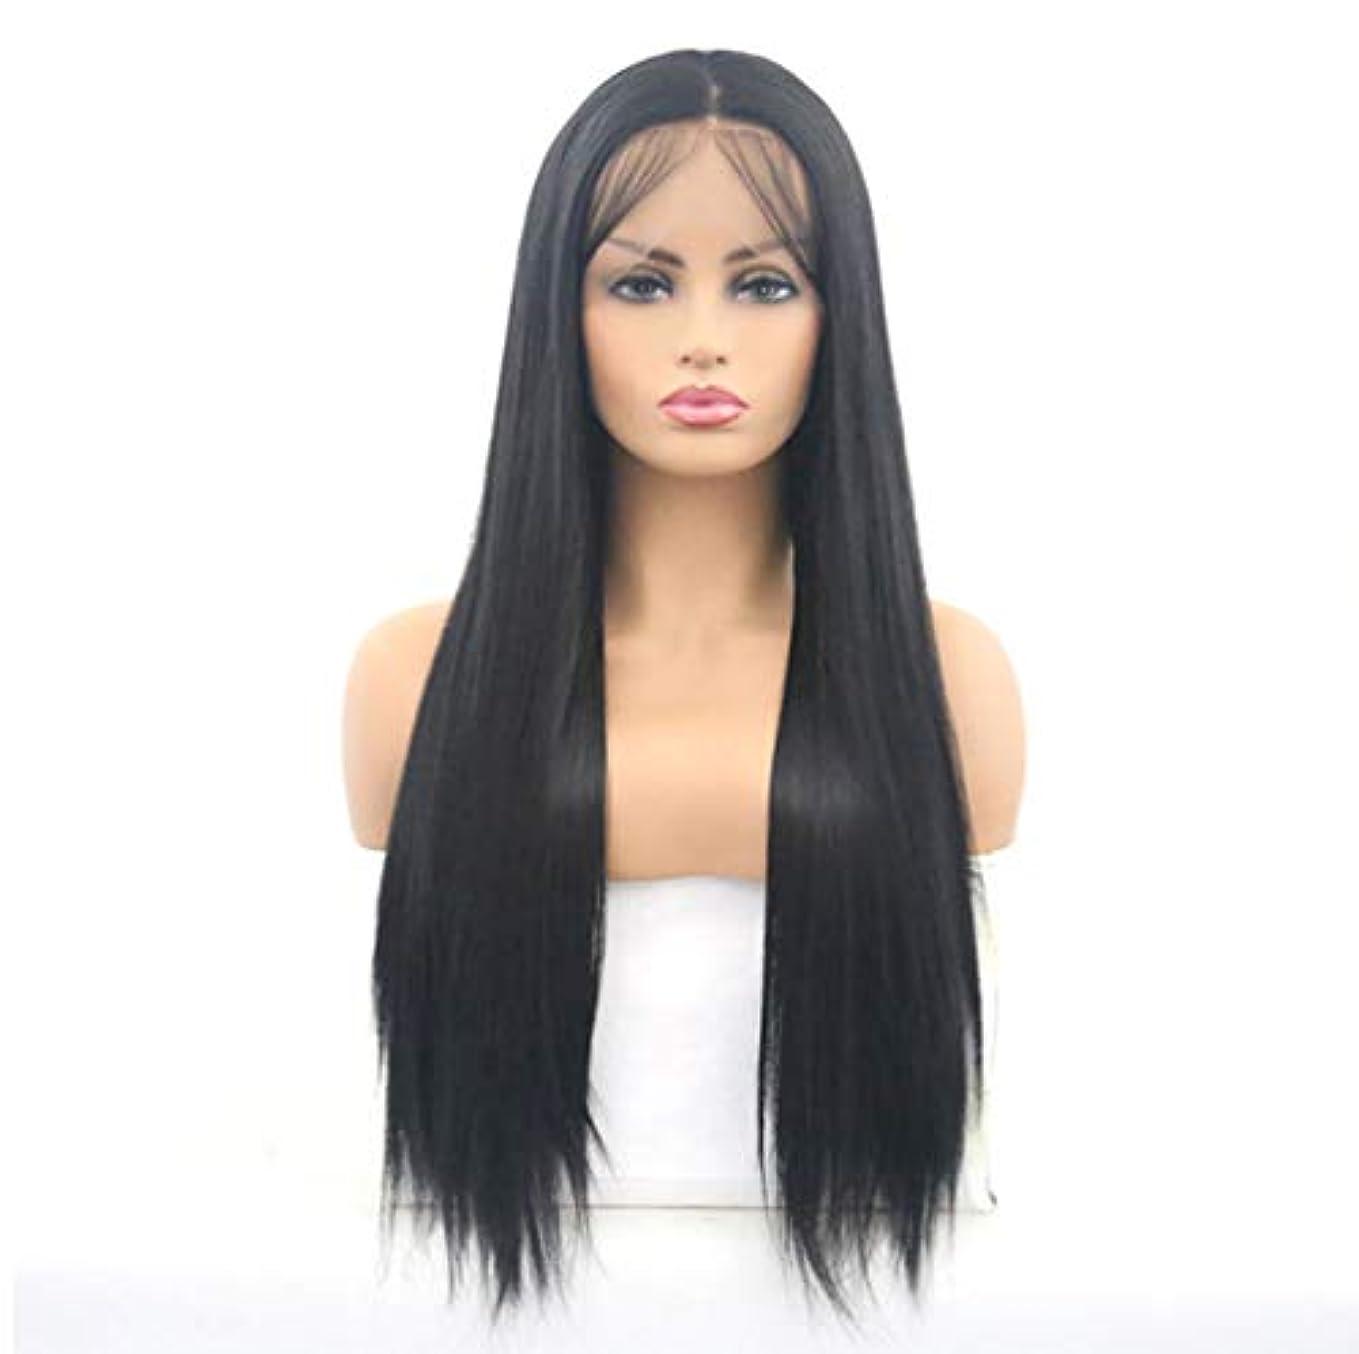 水銀のソビエト怠惰女性レースフロントかつらブラジルレミー人間の髪の毛ストレートレースかつら150%密度ナチュラルブラック26インチ